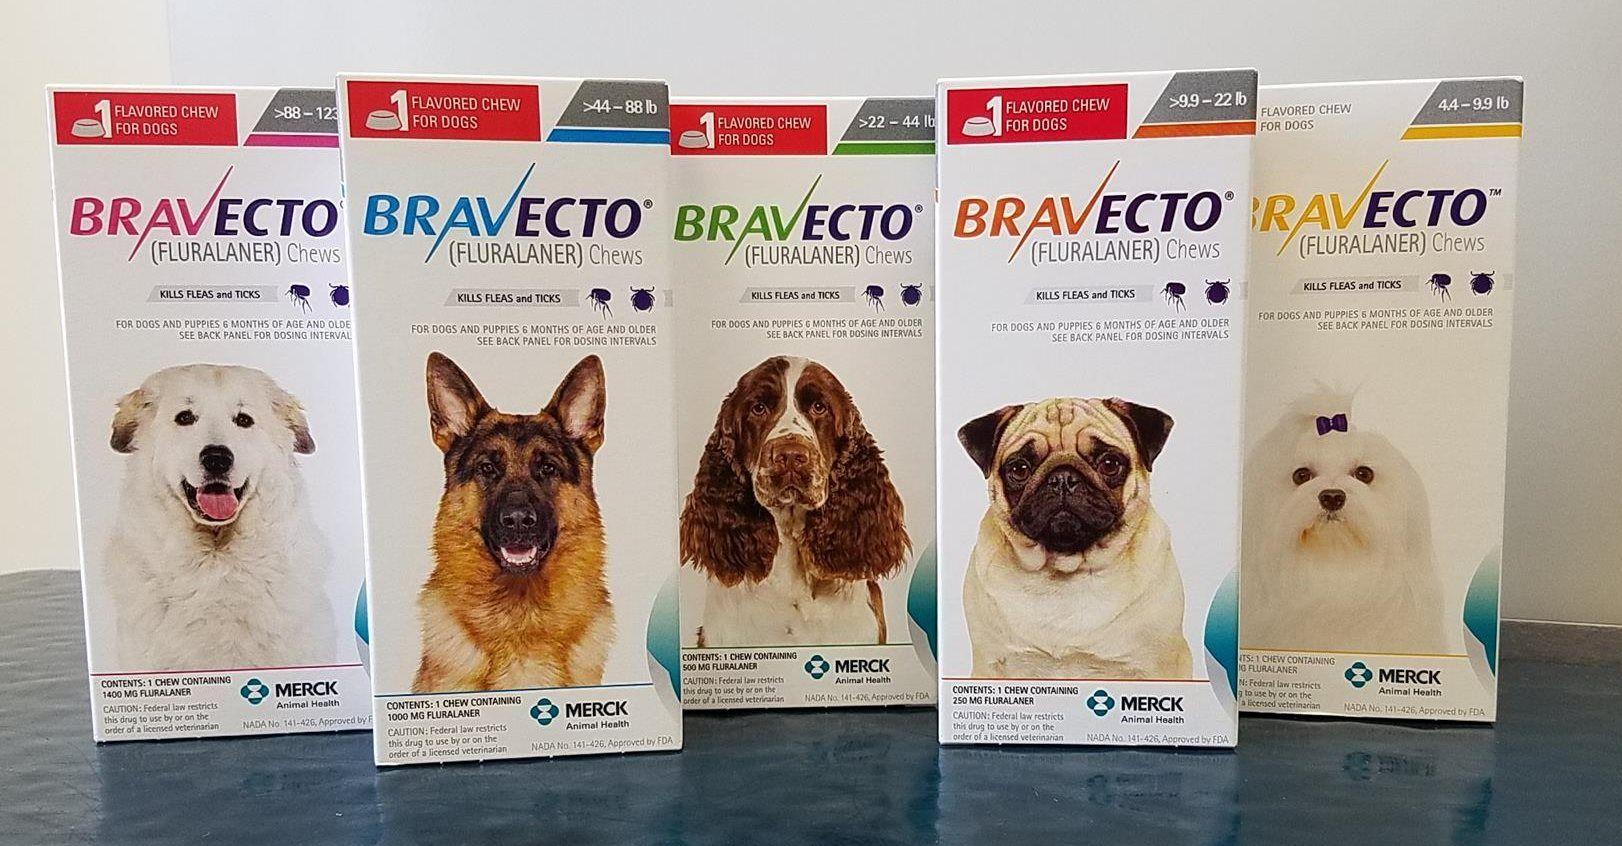 Affordable pet meds starting at 37 for Bravecto! Pet